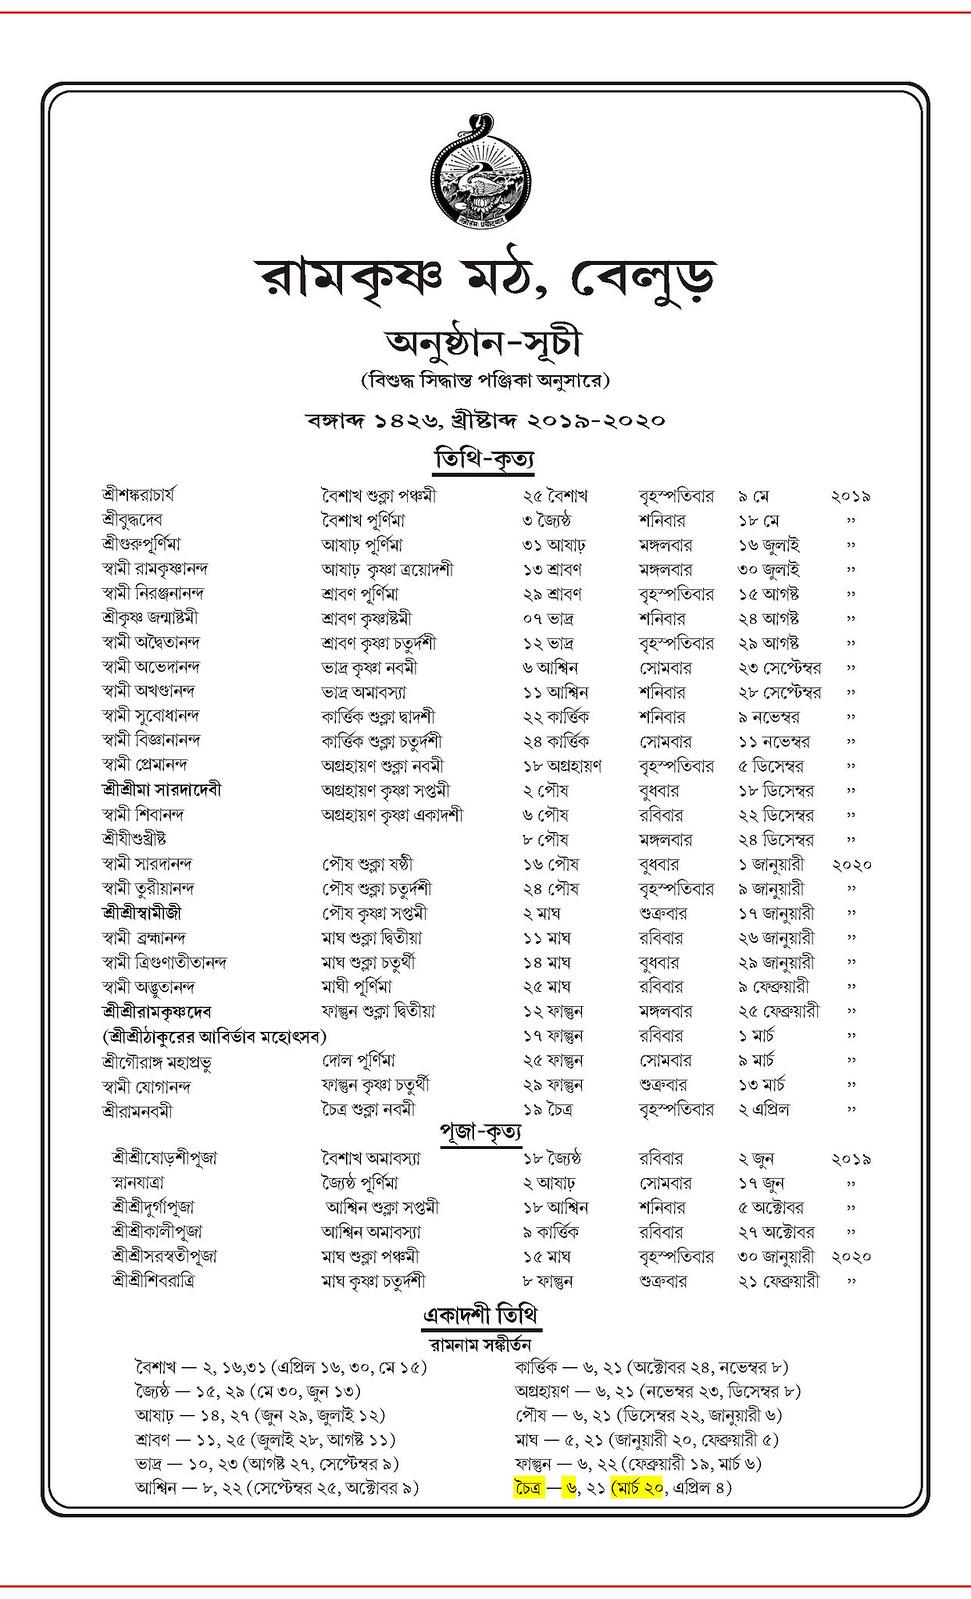 Belur Math Festival Calendar (2019-20) - Belur Math